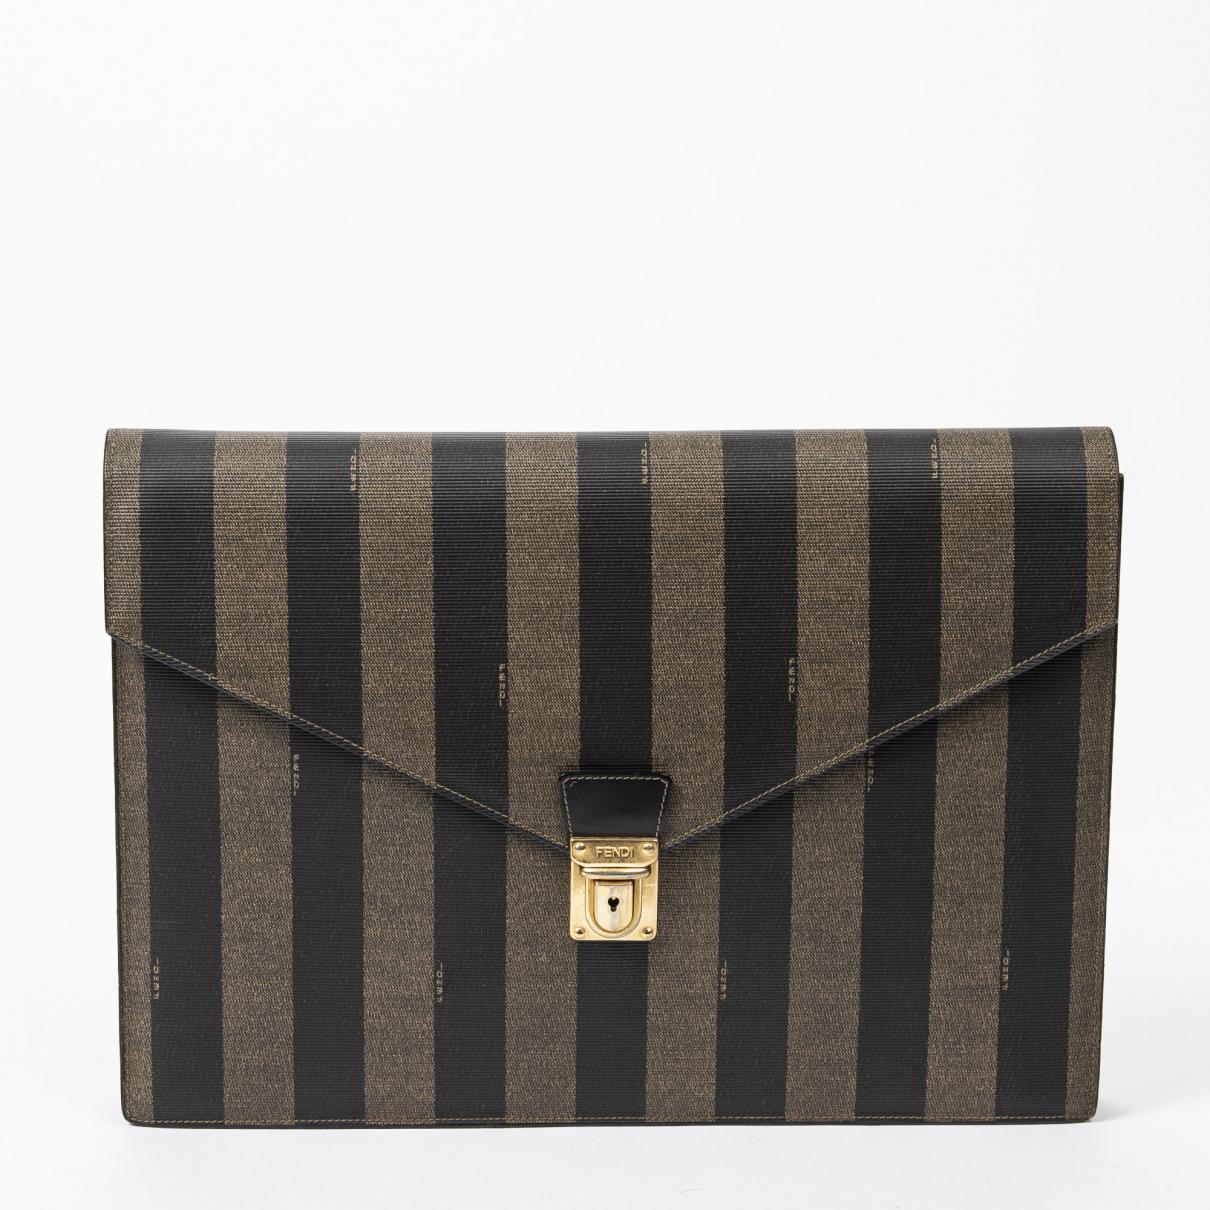 Fendi \N Handtasche in  Schwarz Leder